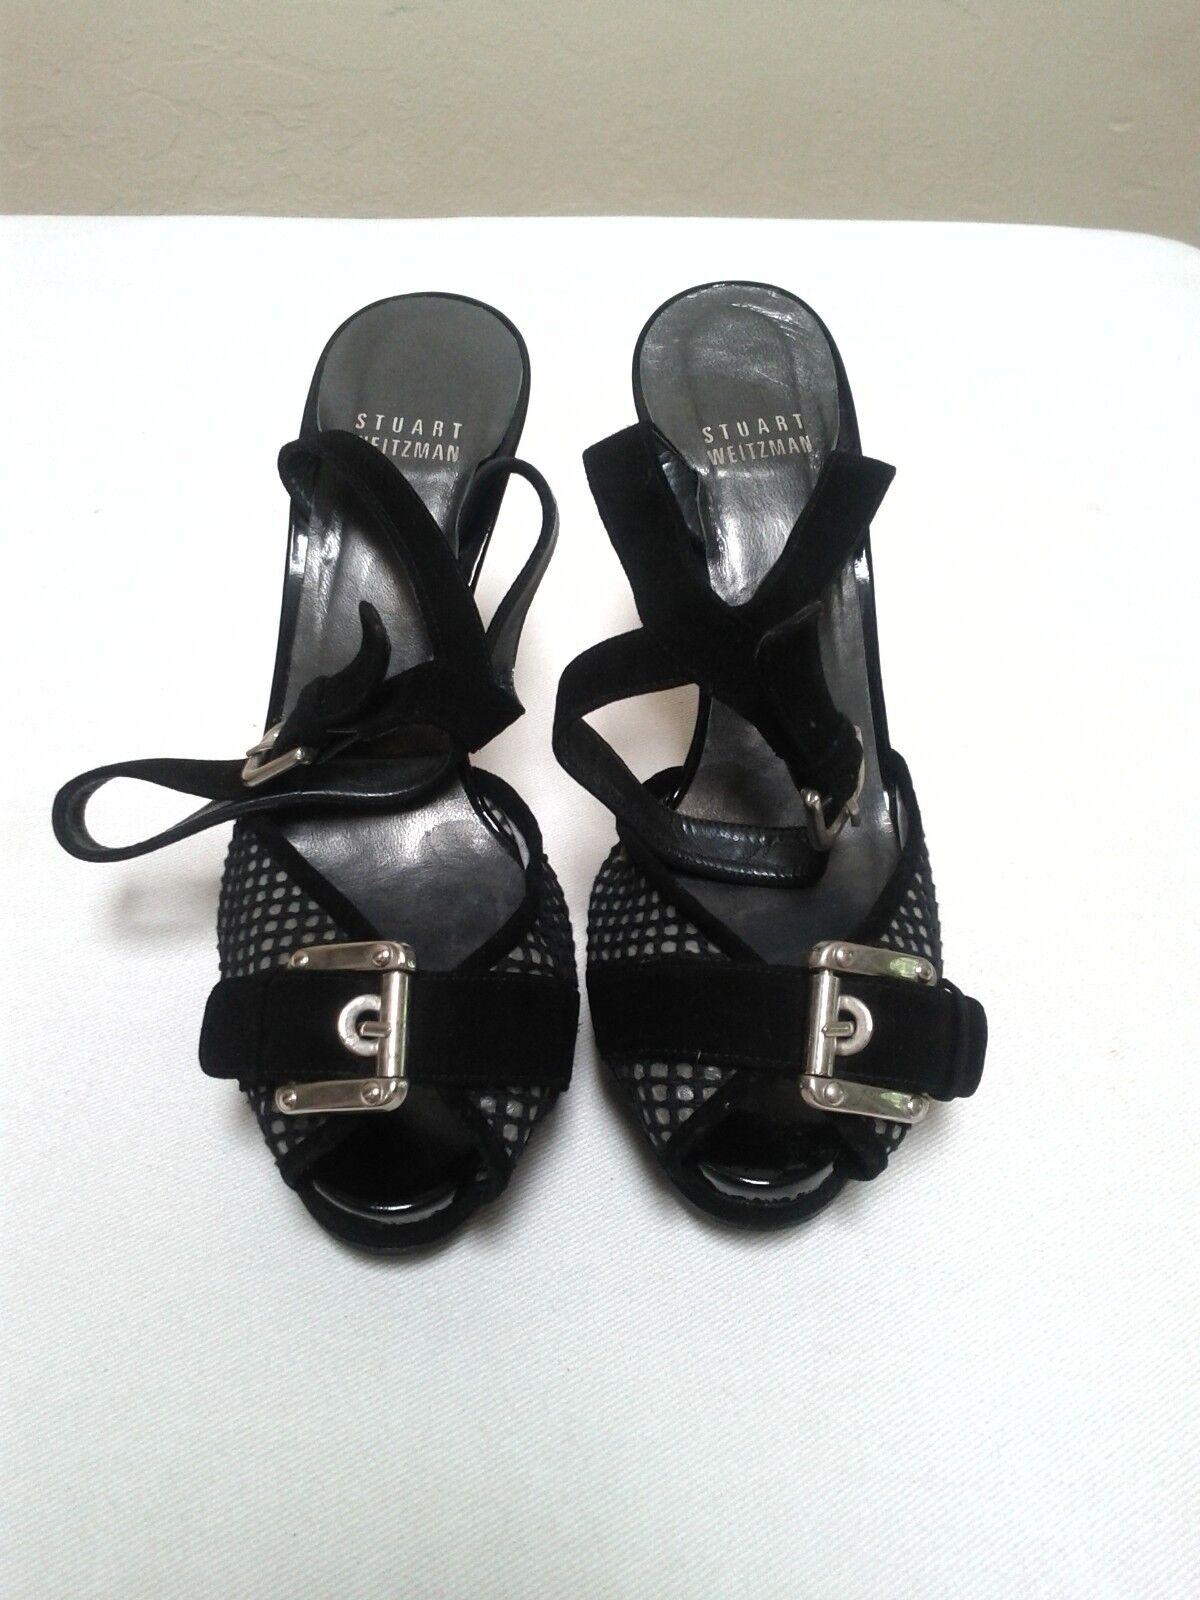 STUART WEITZMAN Stout Peep Toe Ankle Strap Platform Heels  Schuhes, 395   Heels 6 a27052